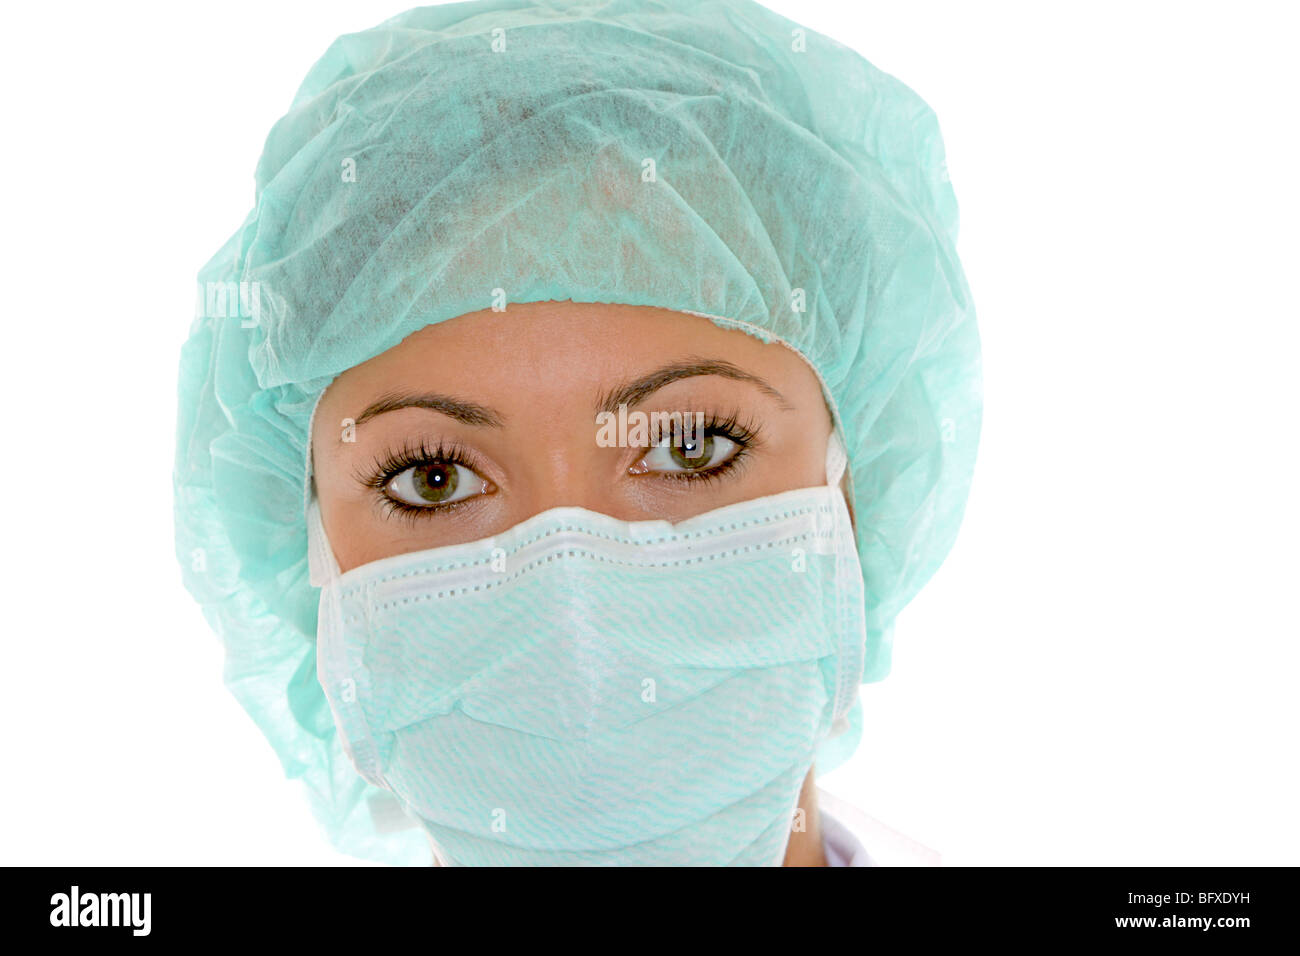 Ärztin mit Mundschutz und Schutzhaube, female doctor with surgical mask Stock Photo